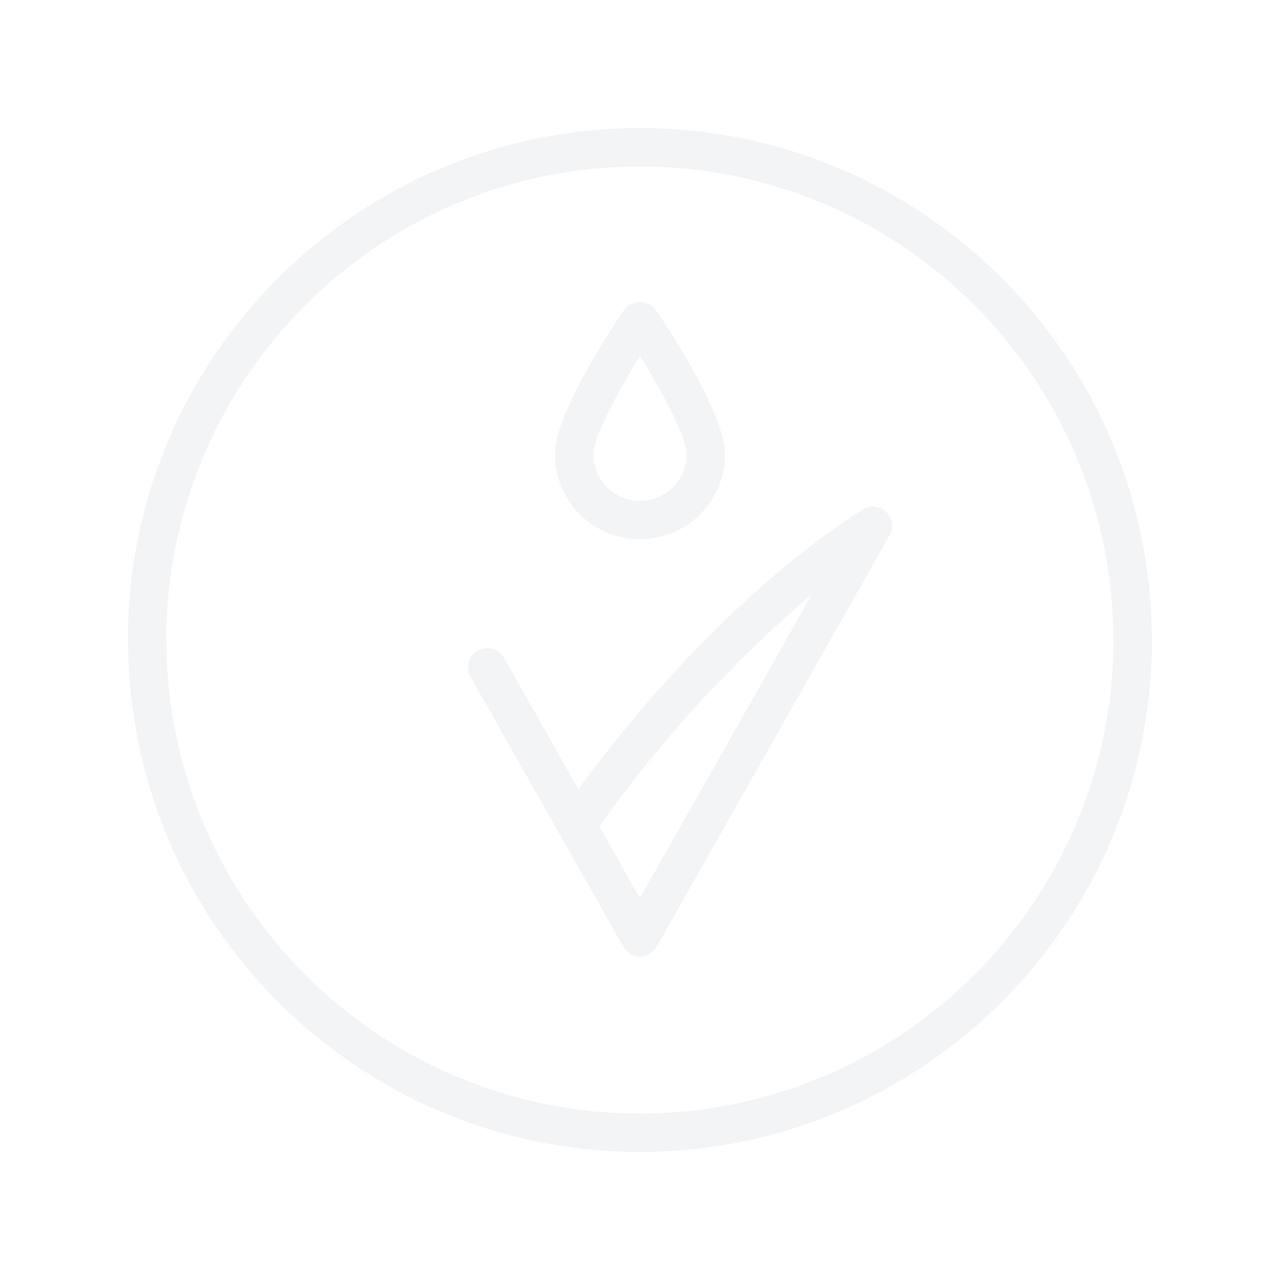 IDUN Minerals Pressed Mineral Powder Tuva 3.5g